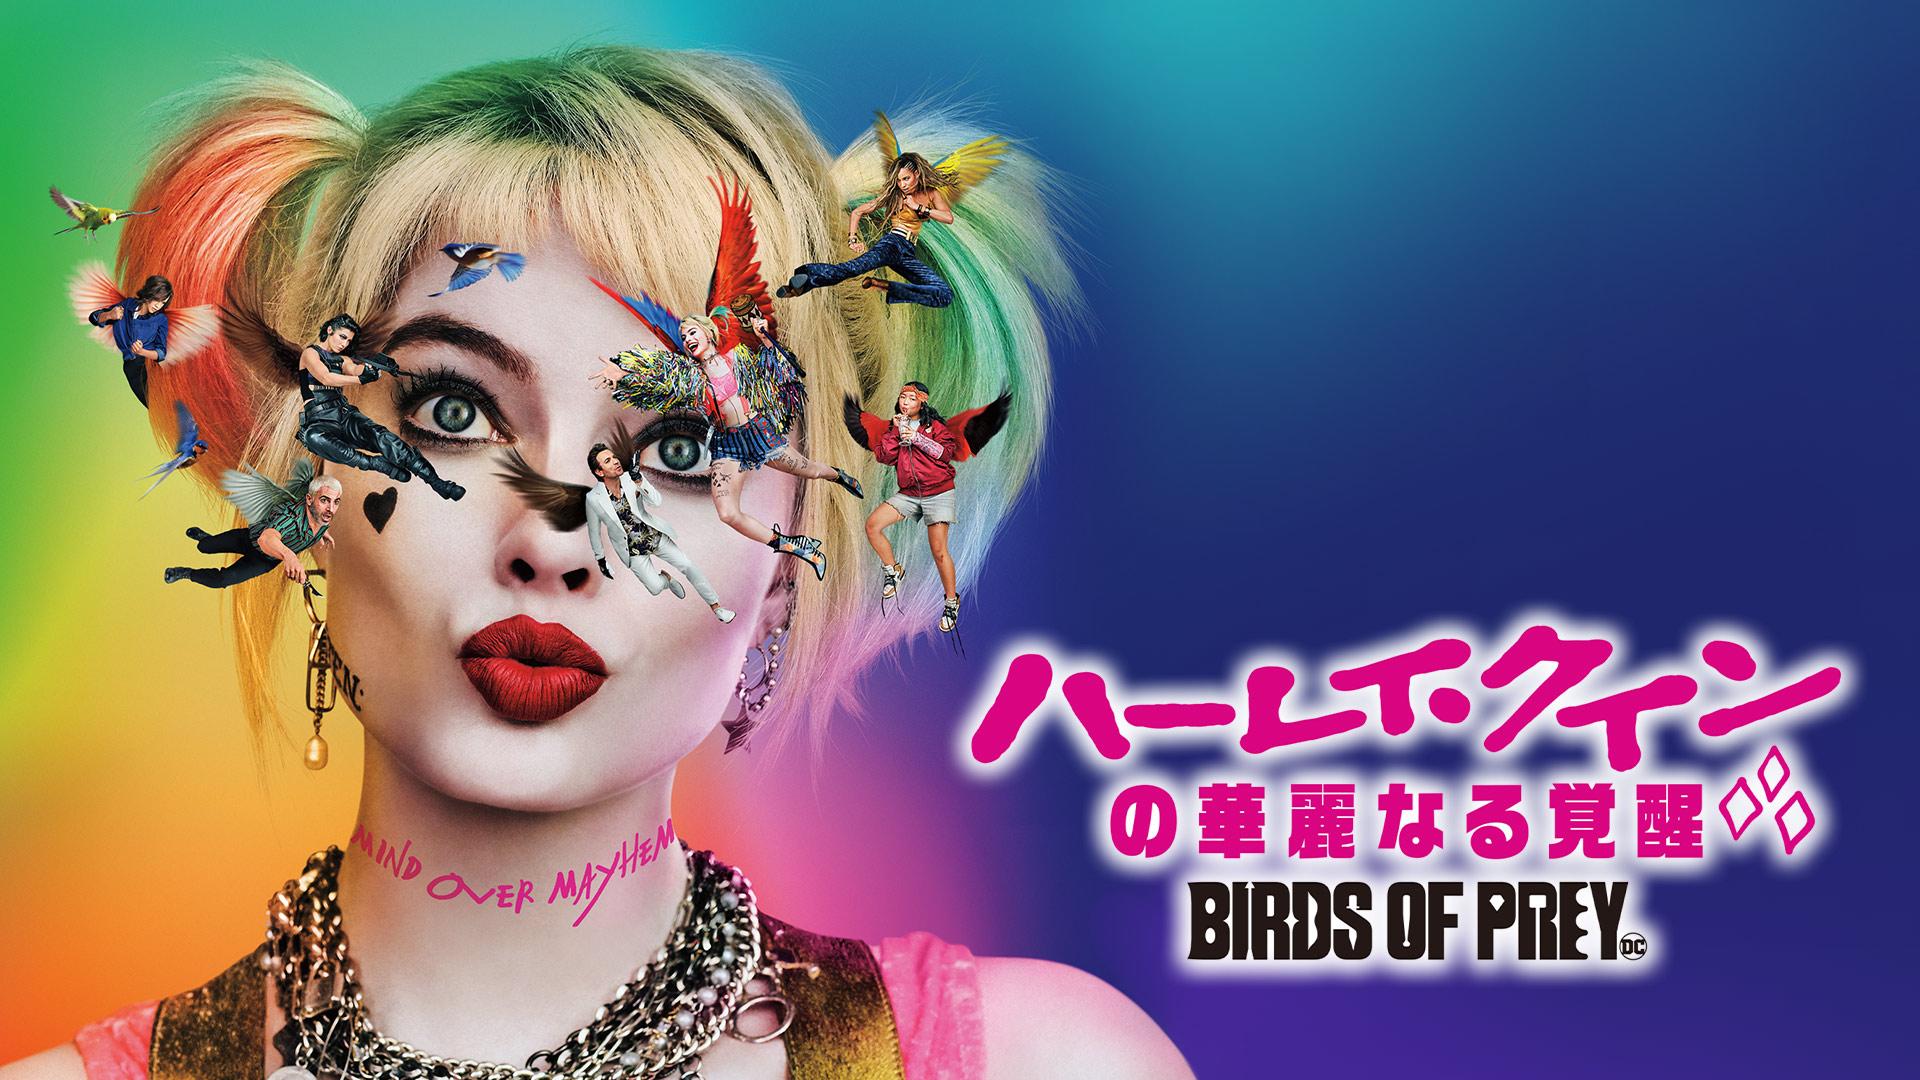 ハーレイ・クインの華麗なる覚醒 BIRDS OF PREY(吹替版)